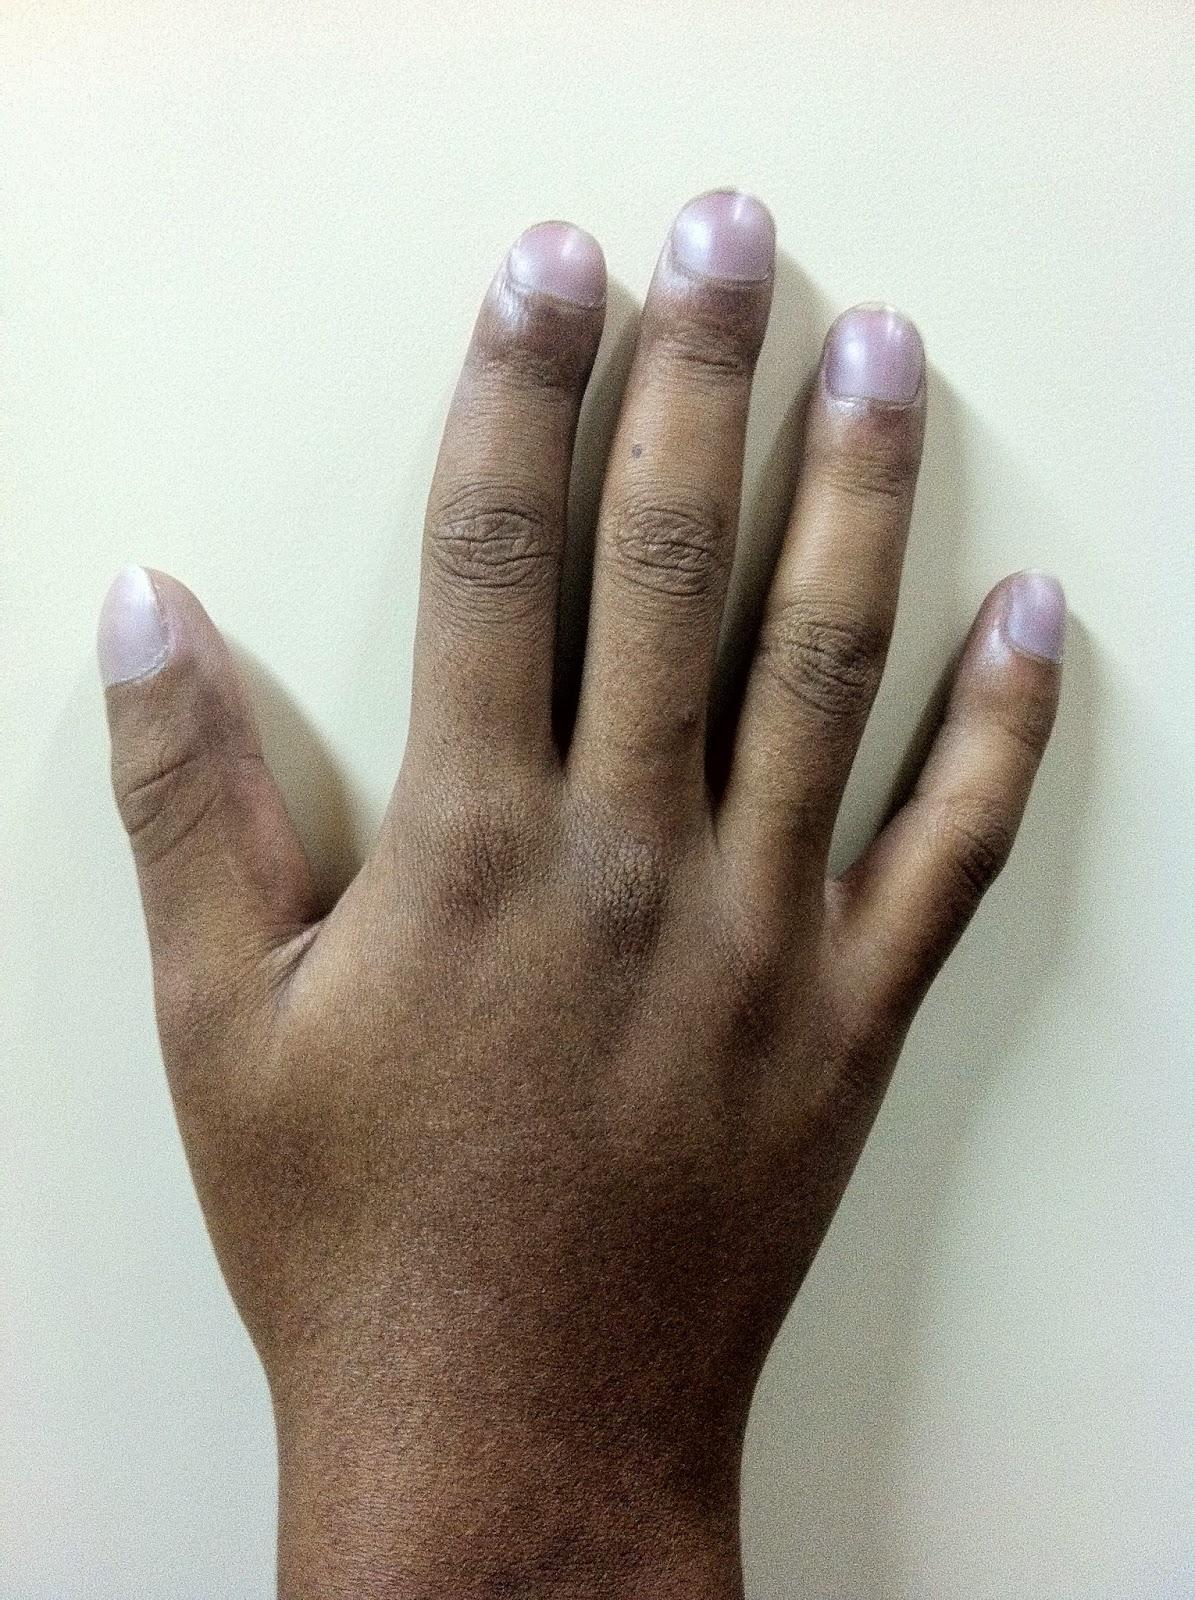 Dedos Hipocráticos, en palillo de tambor, acrocianosis, uñas en vidrio de reloj